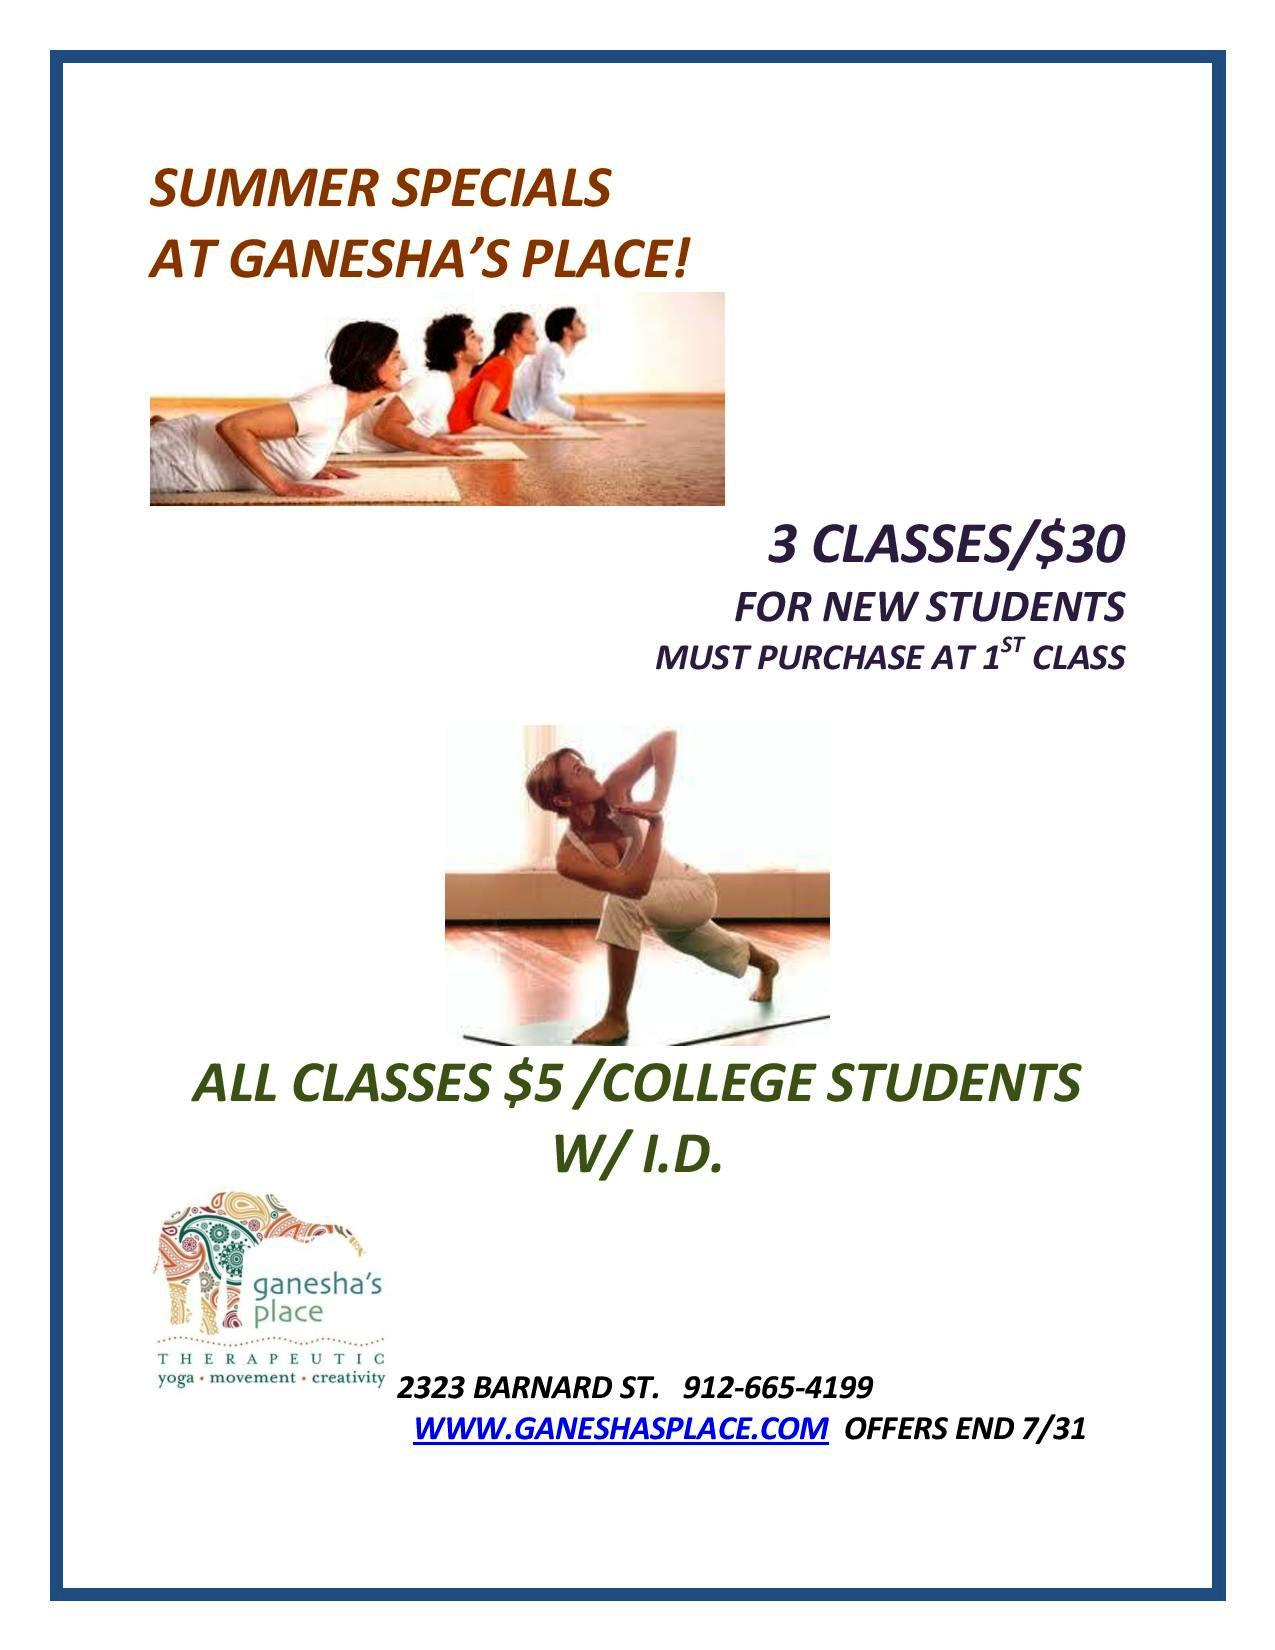 Yoga Summer Specials at Ganesha's Place in Savannah